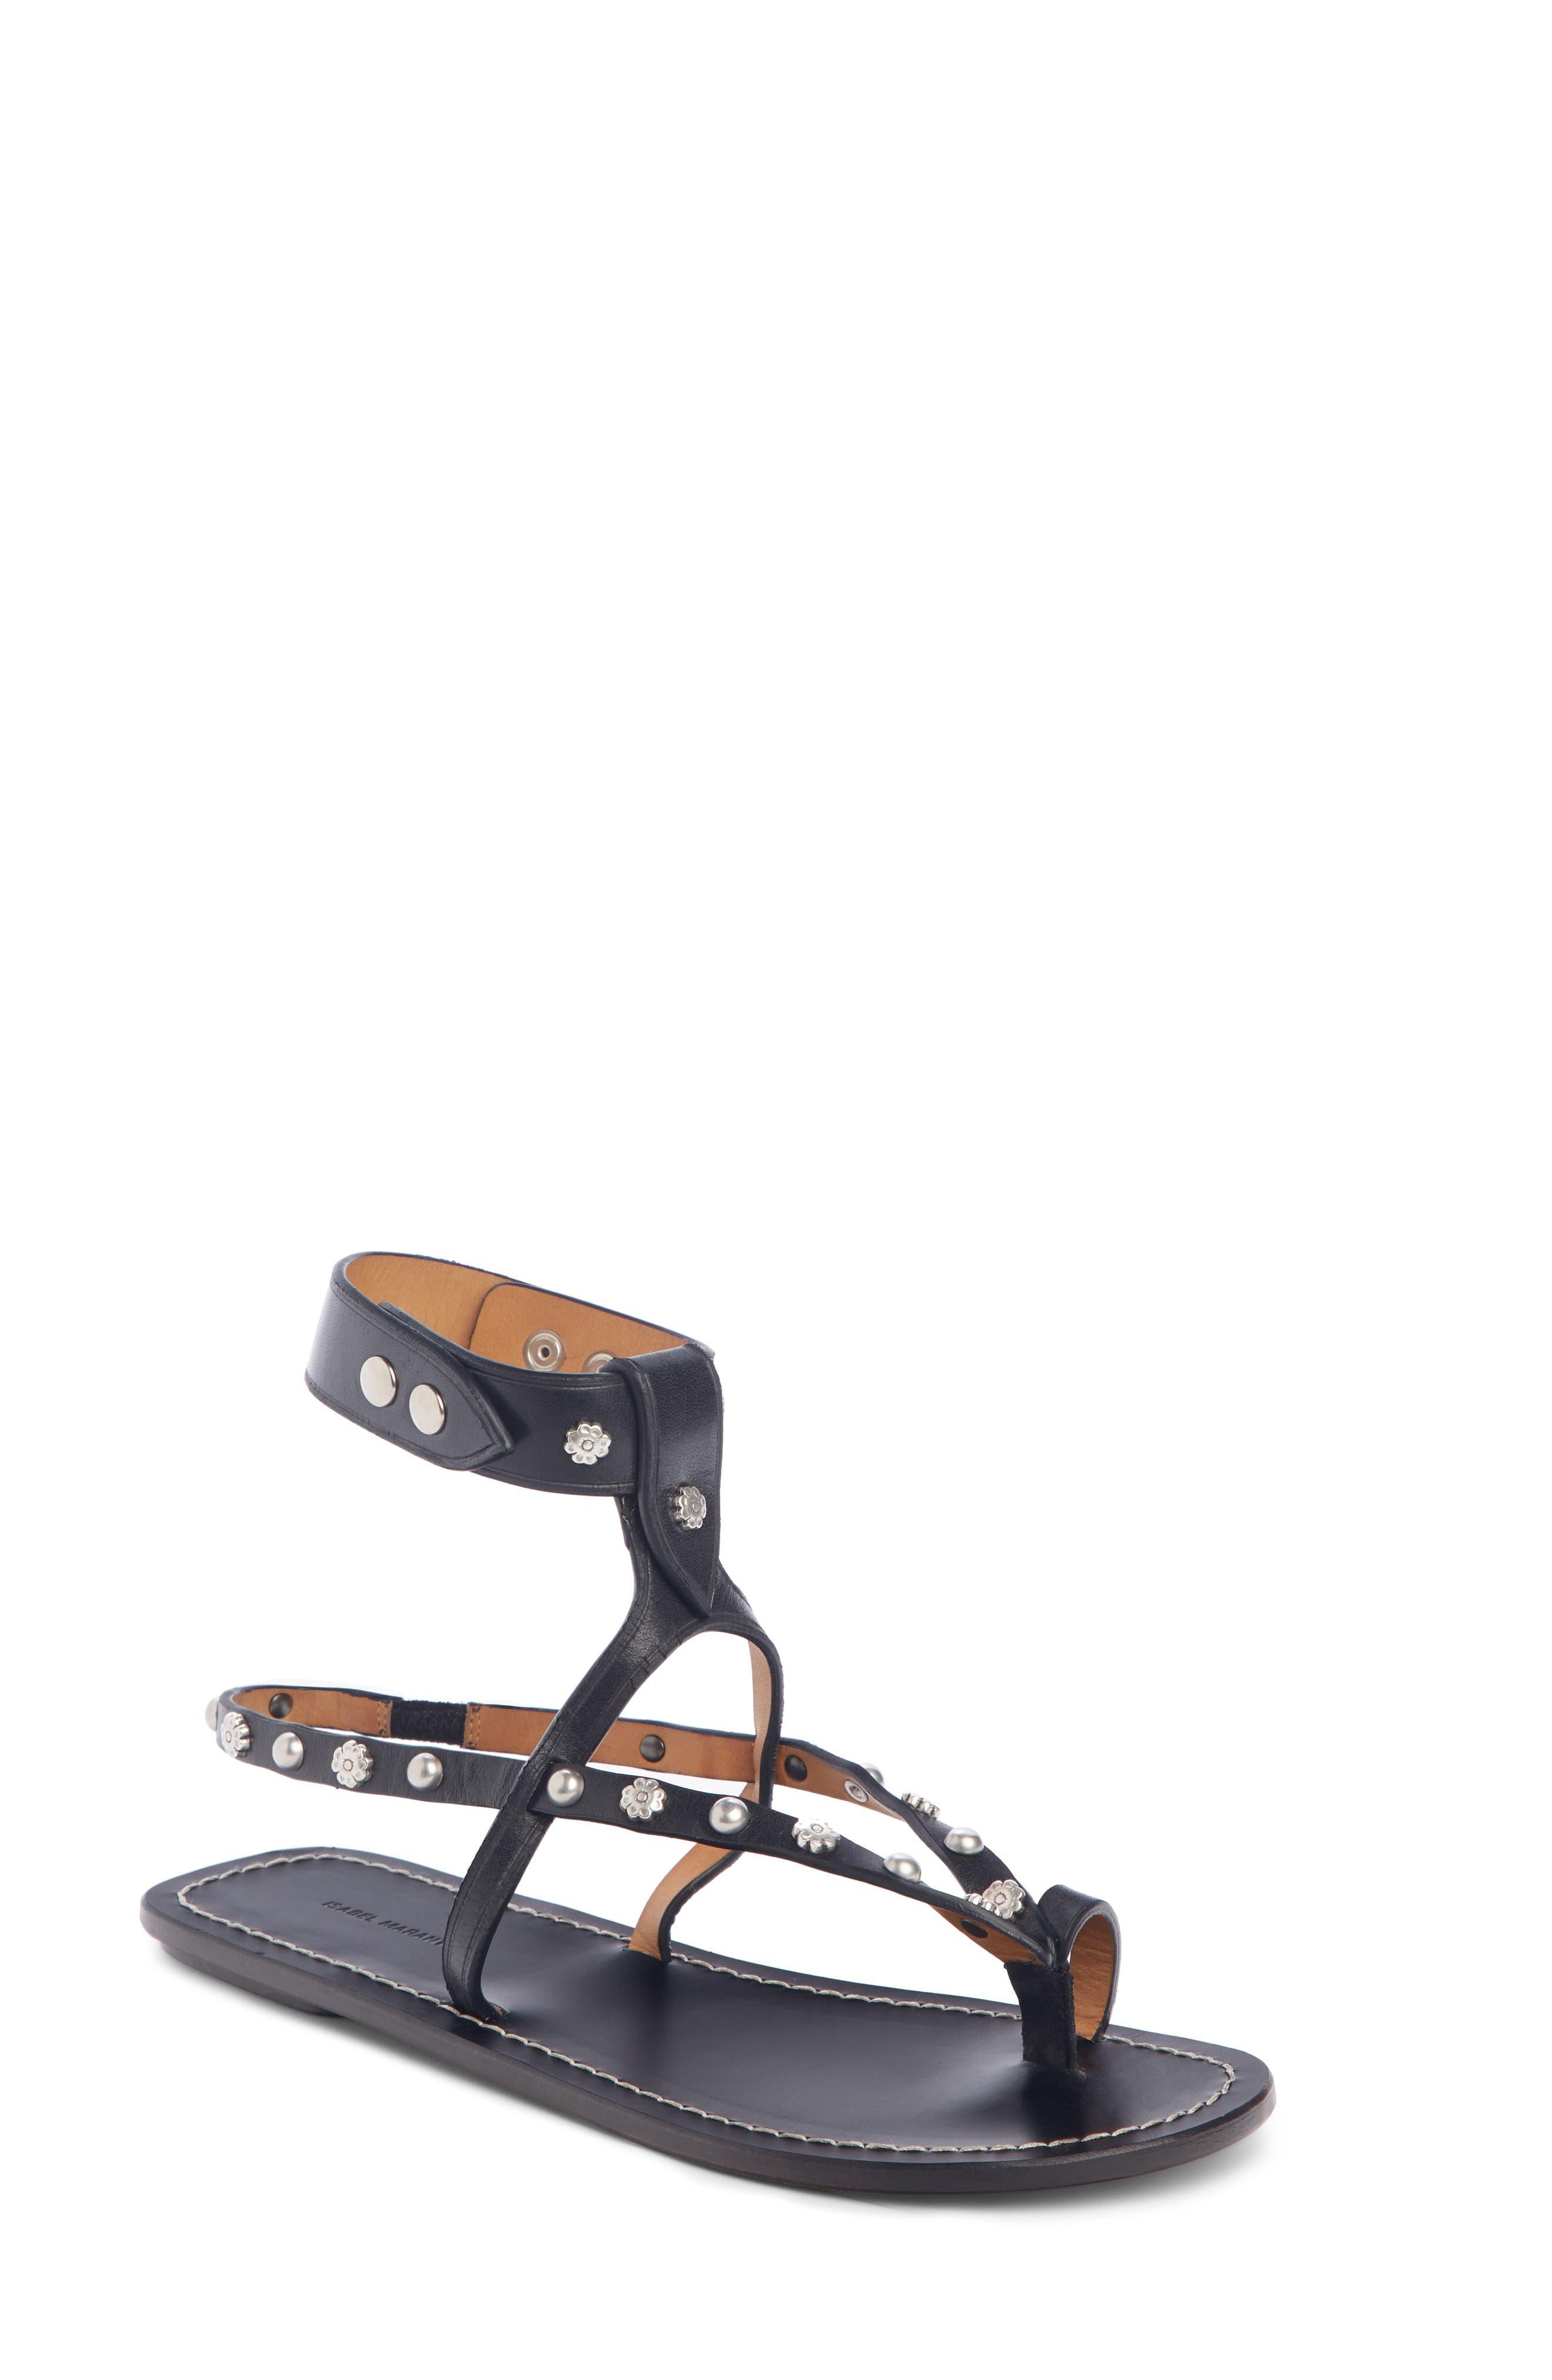 Engo Flower Studded Gladiator Sandal, Main, color, 001